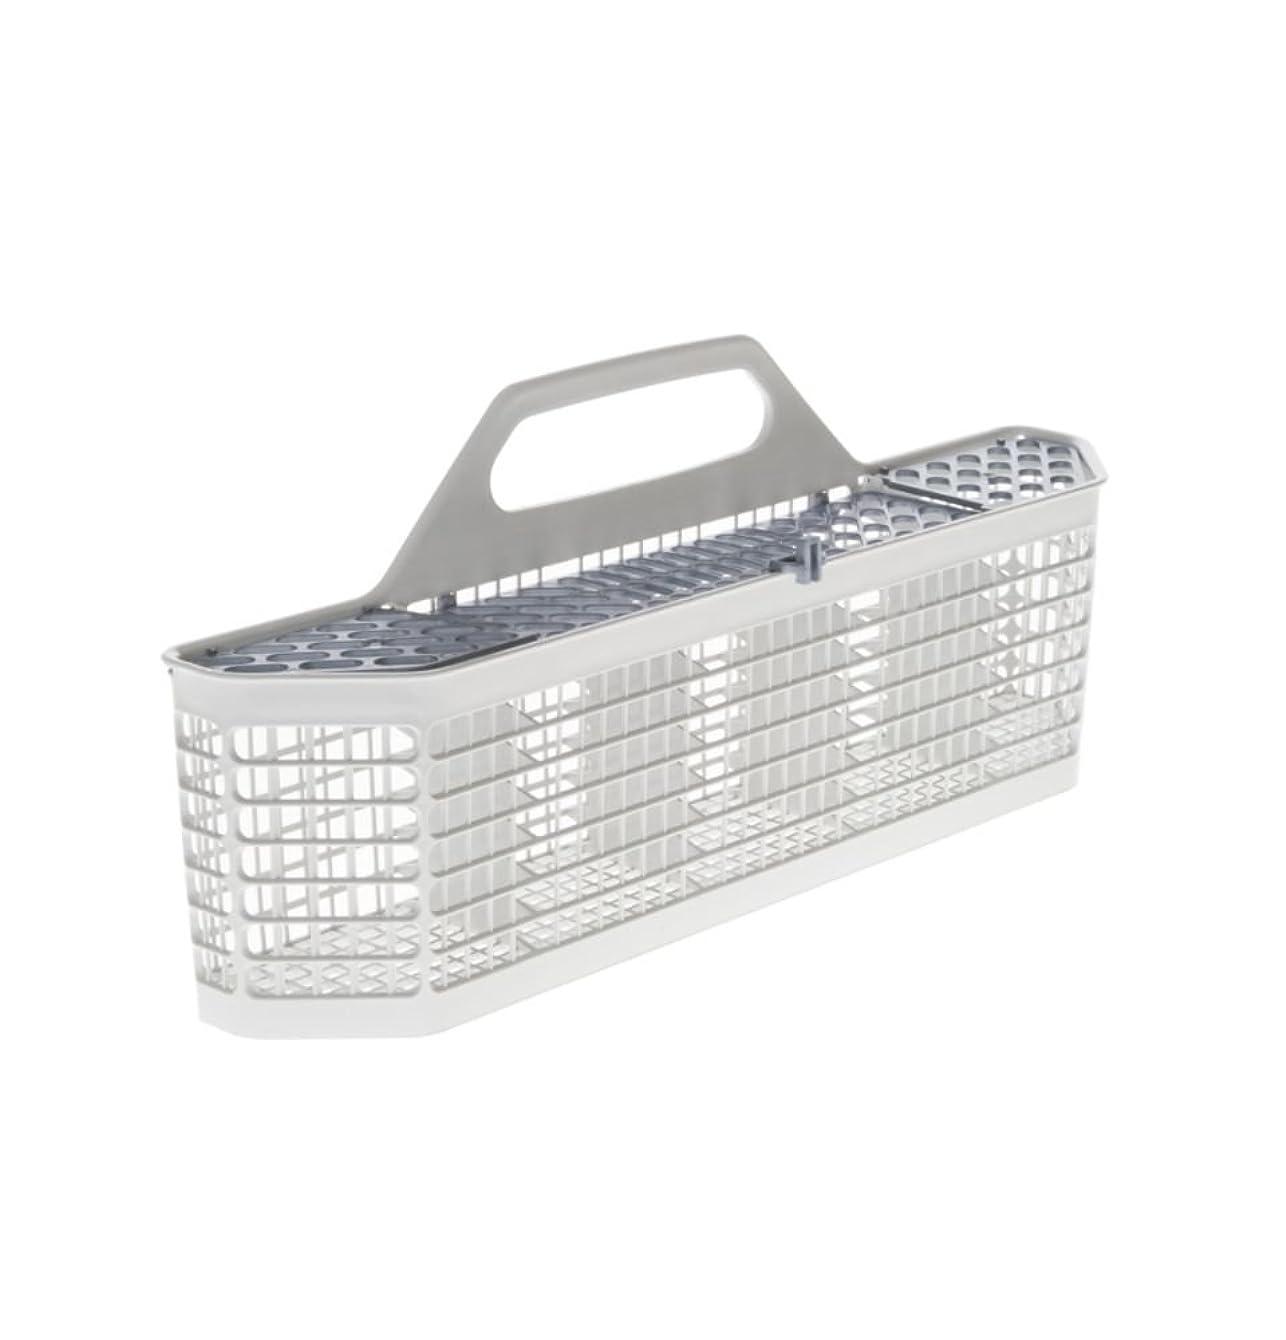 GE Series WD28X10177 Basket Silverware AS